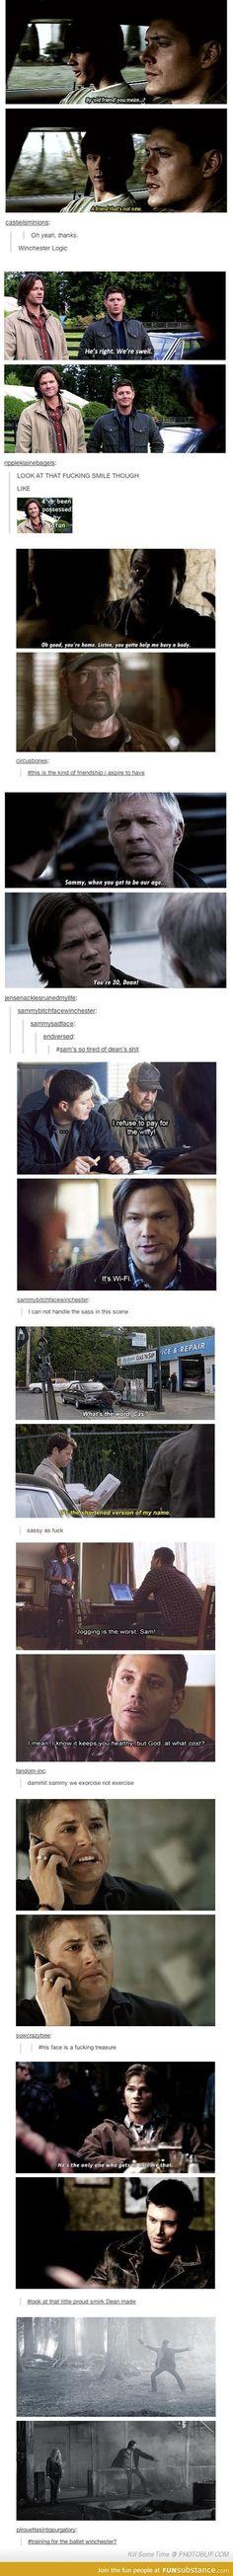 Supernatural on Tumblr